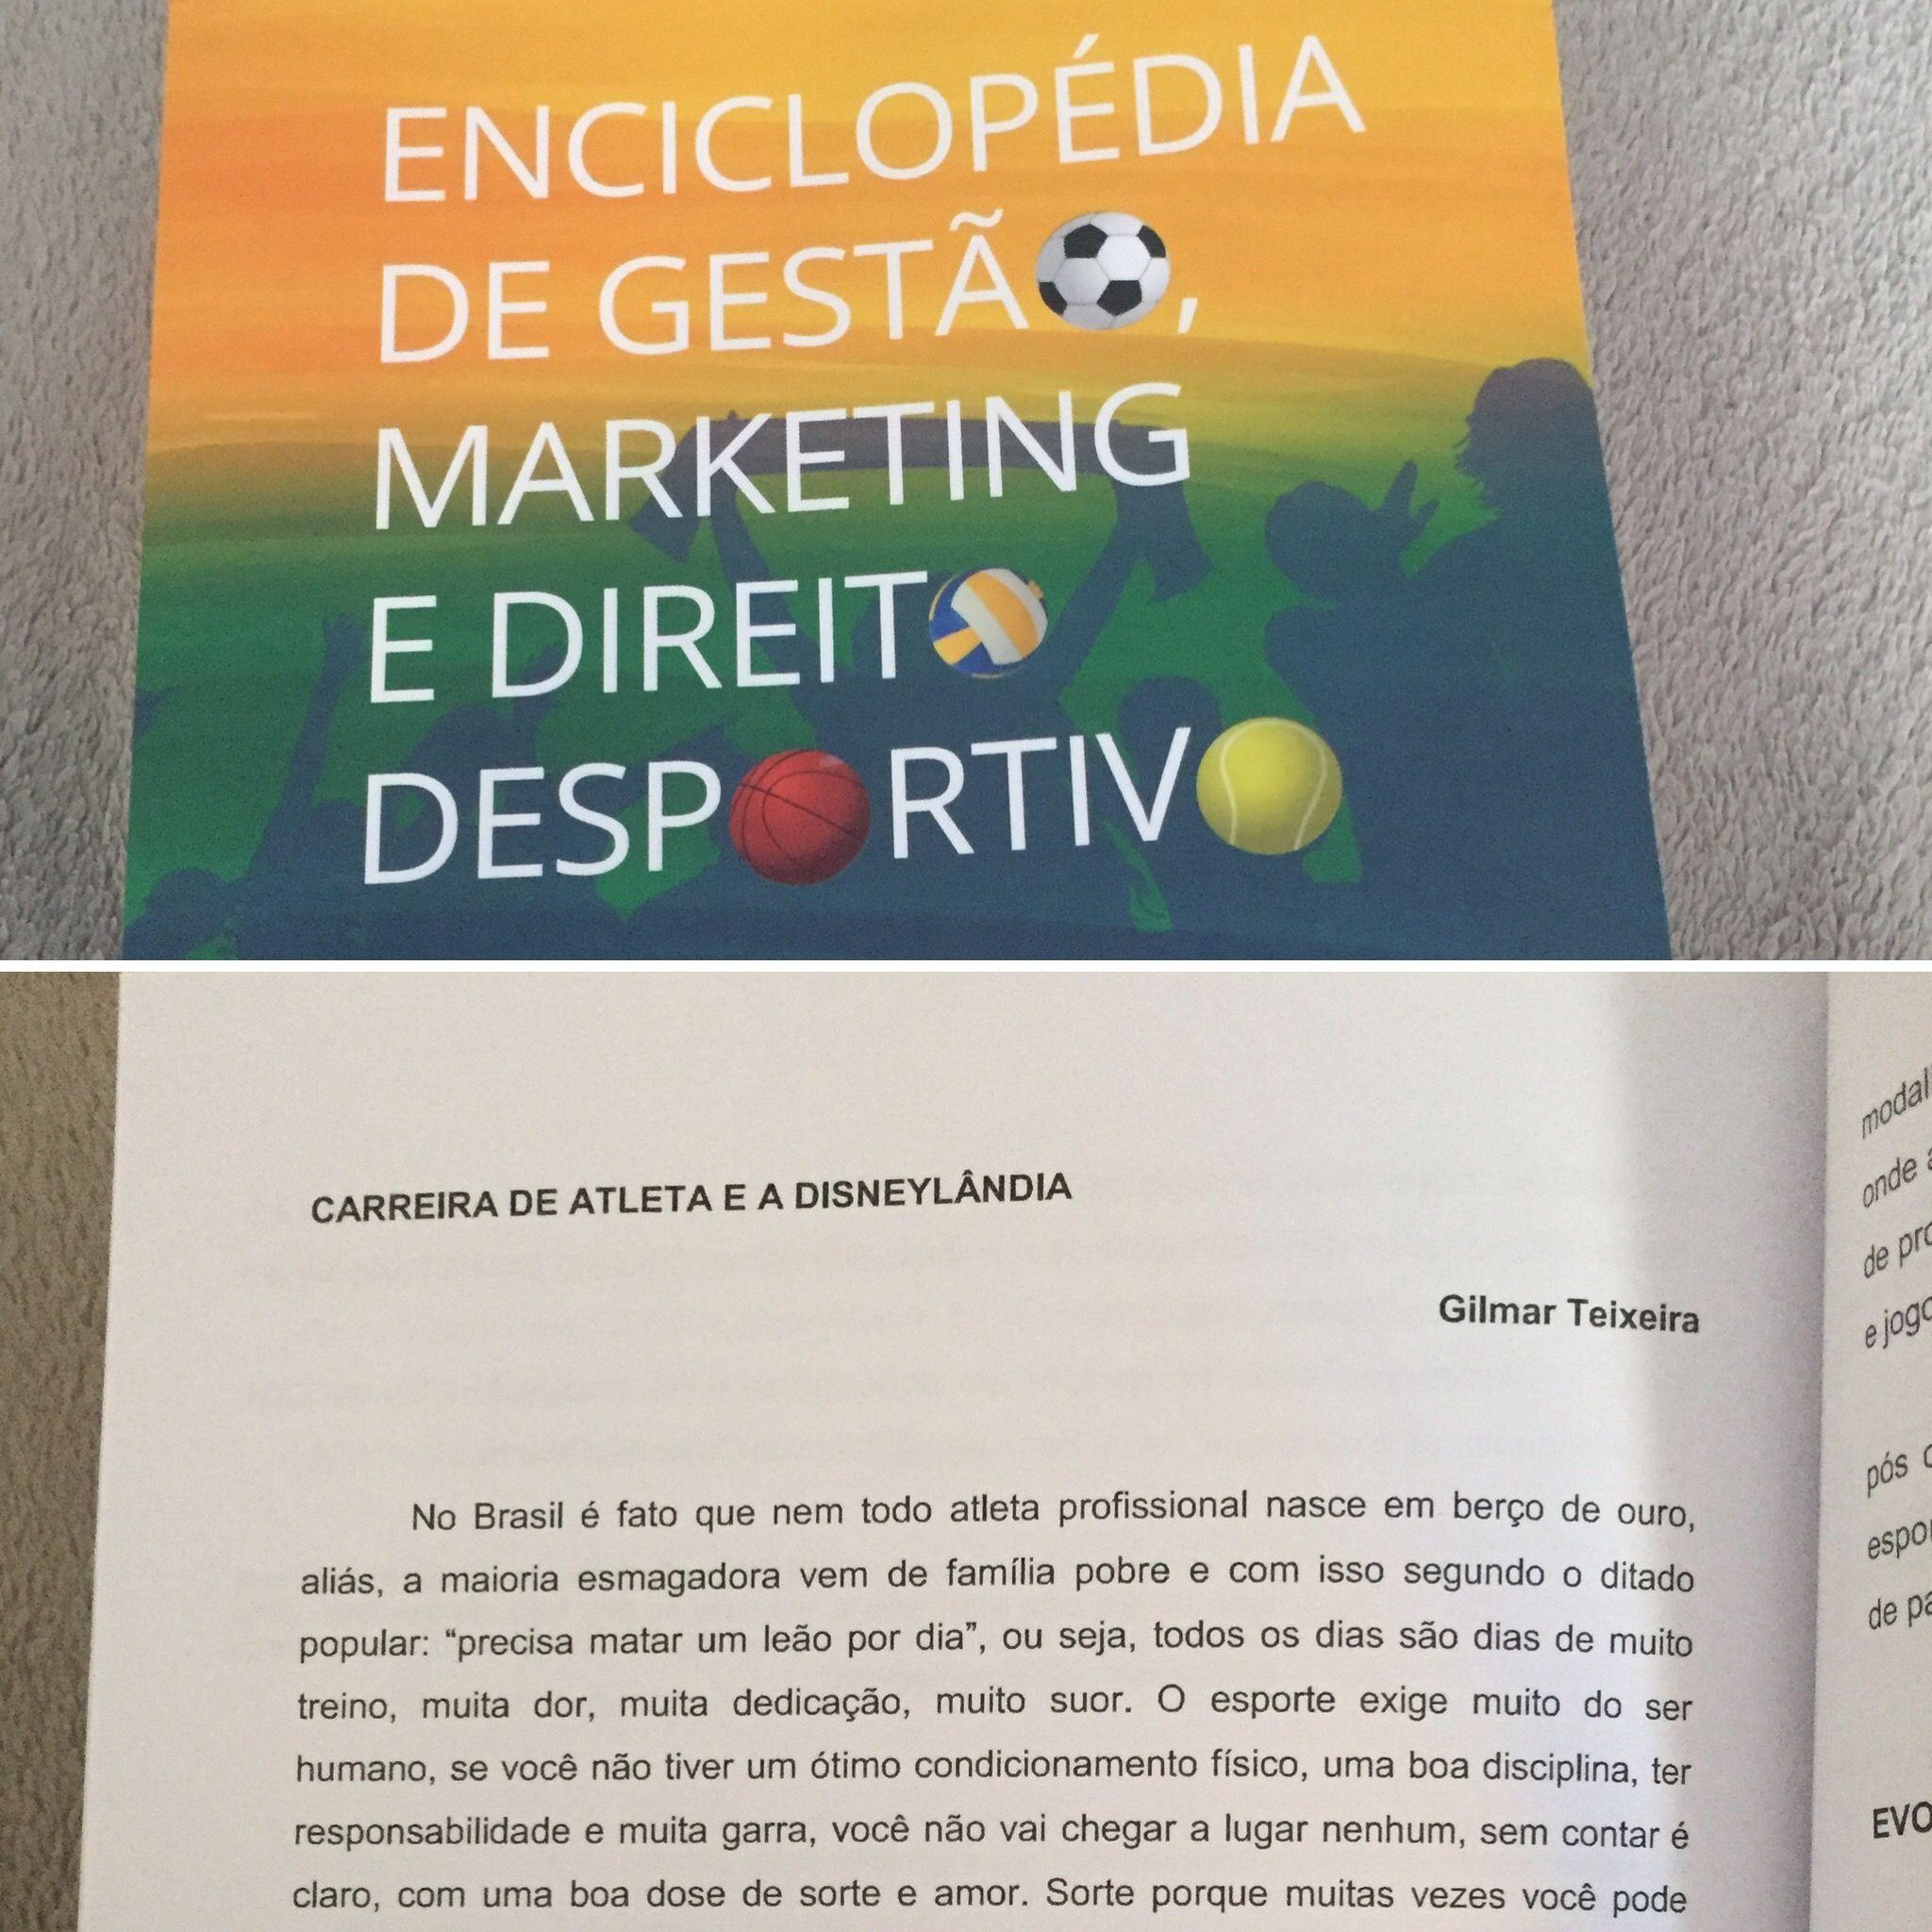 Enciclopédia de Gestão, Marketing e Direito Desportivo